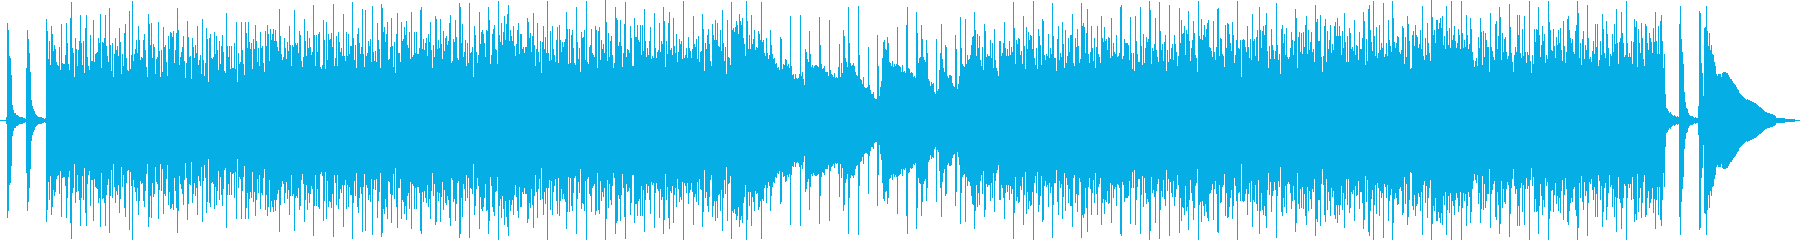 明るく楽しいヴィンテージロカビリー音楽の再生済みの波形